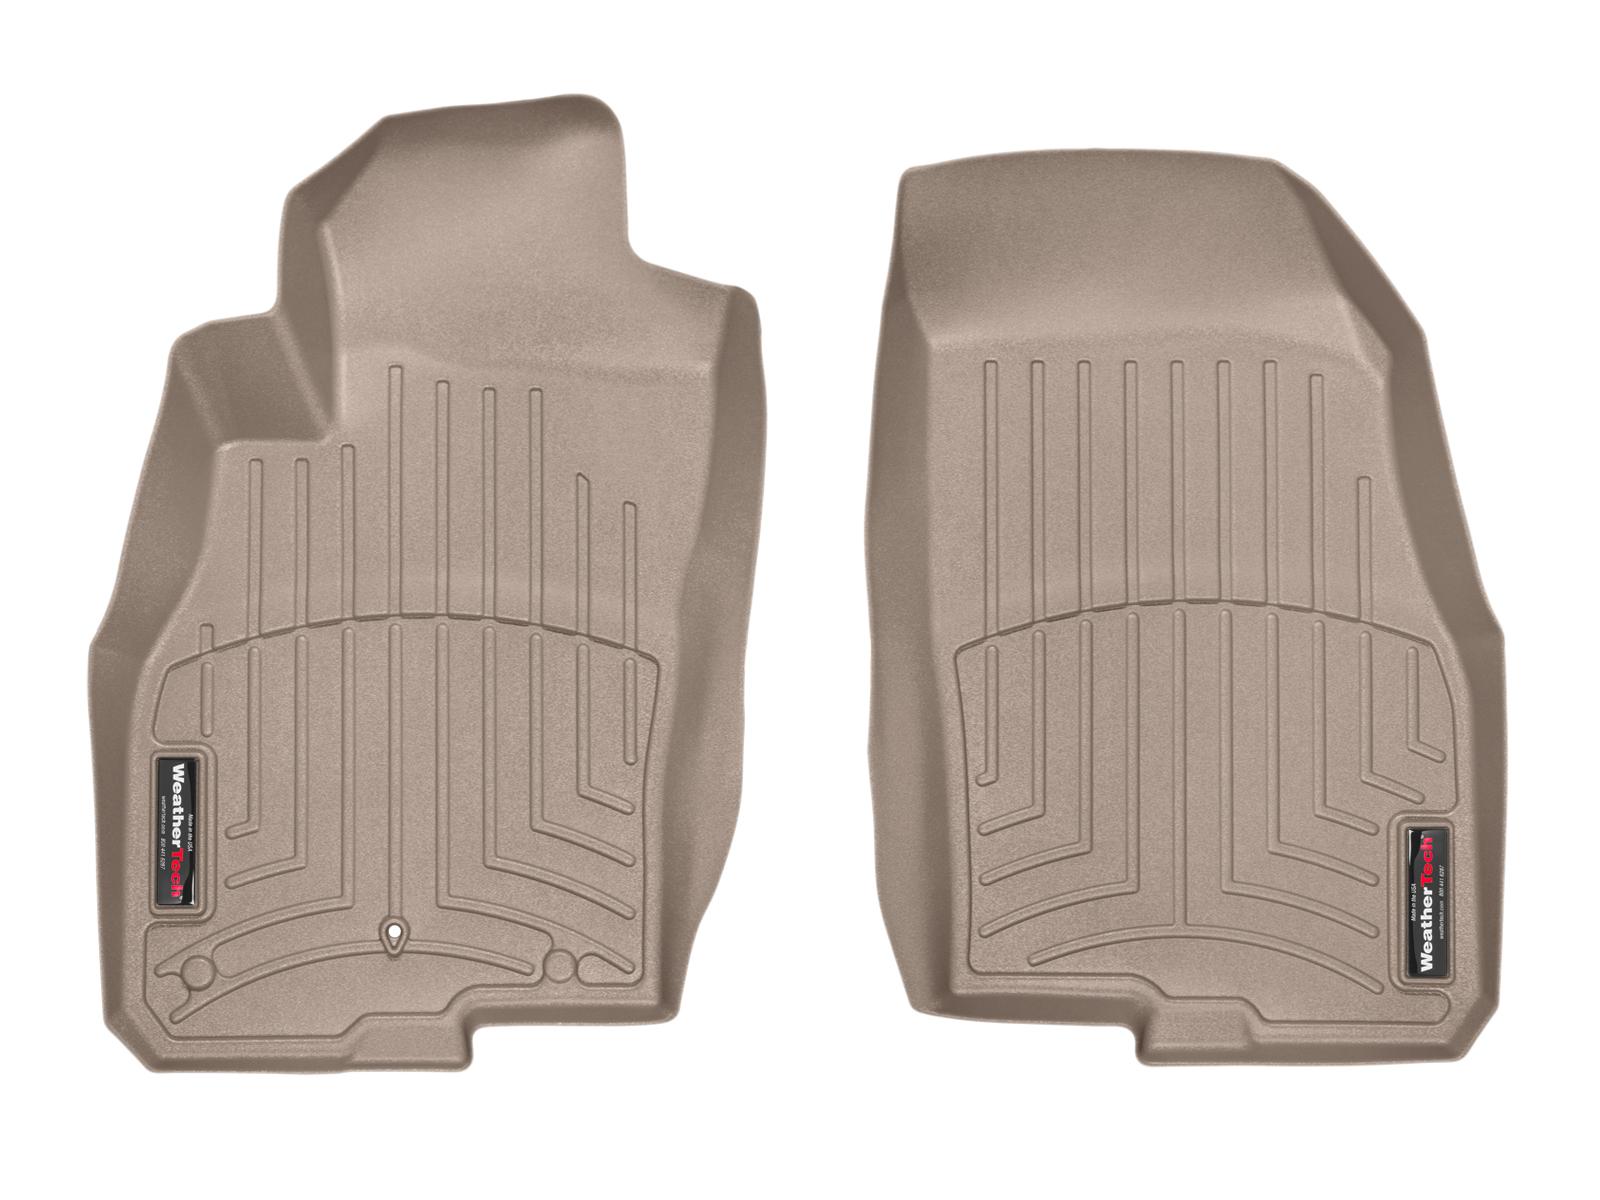 Tappeti gomma su misura bordo alto Fiat Punto 12>17 Marrone A826*